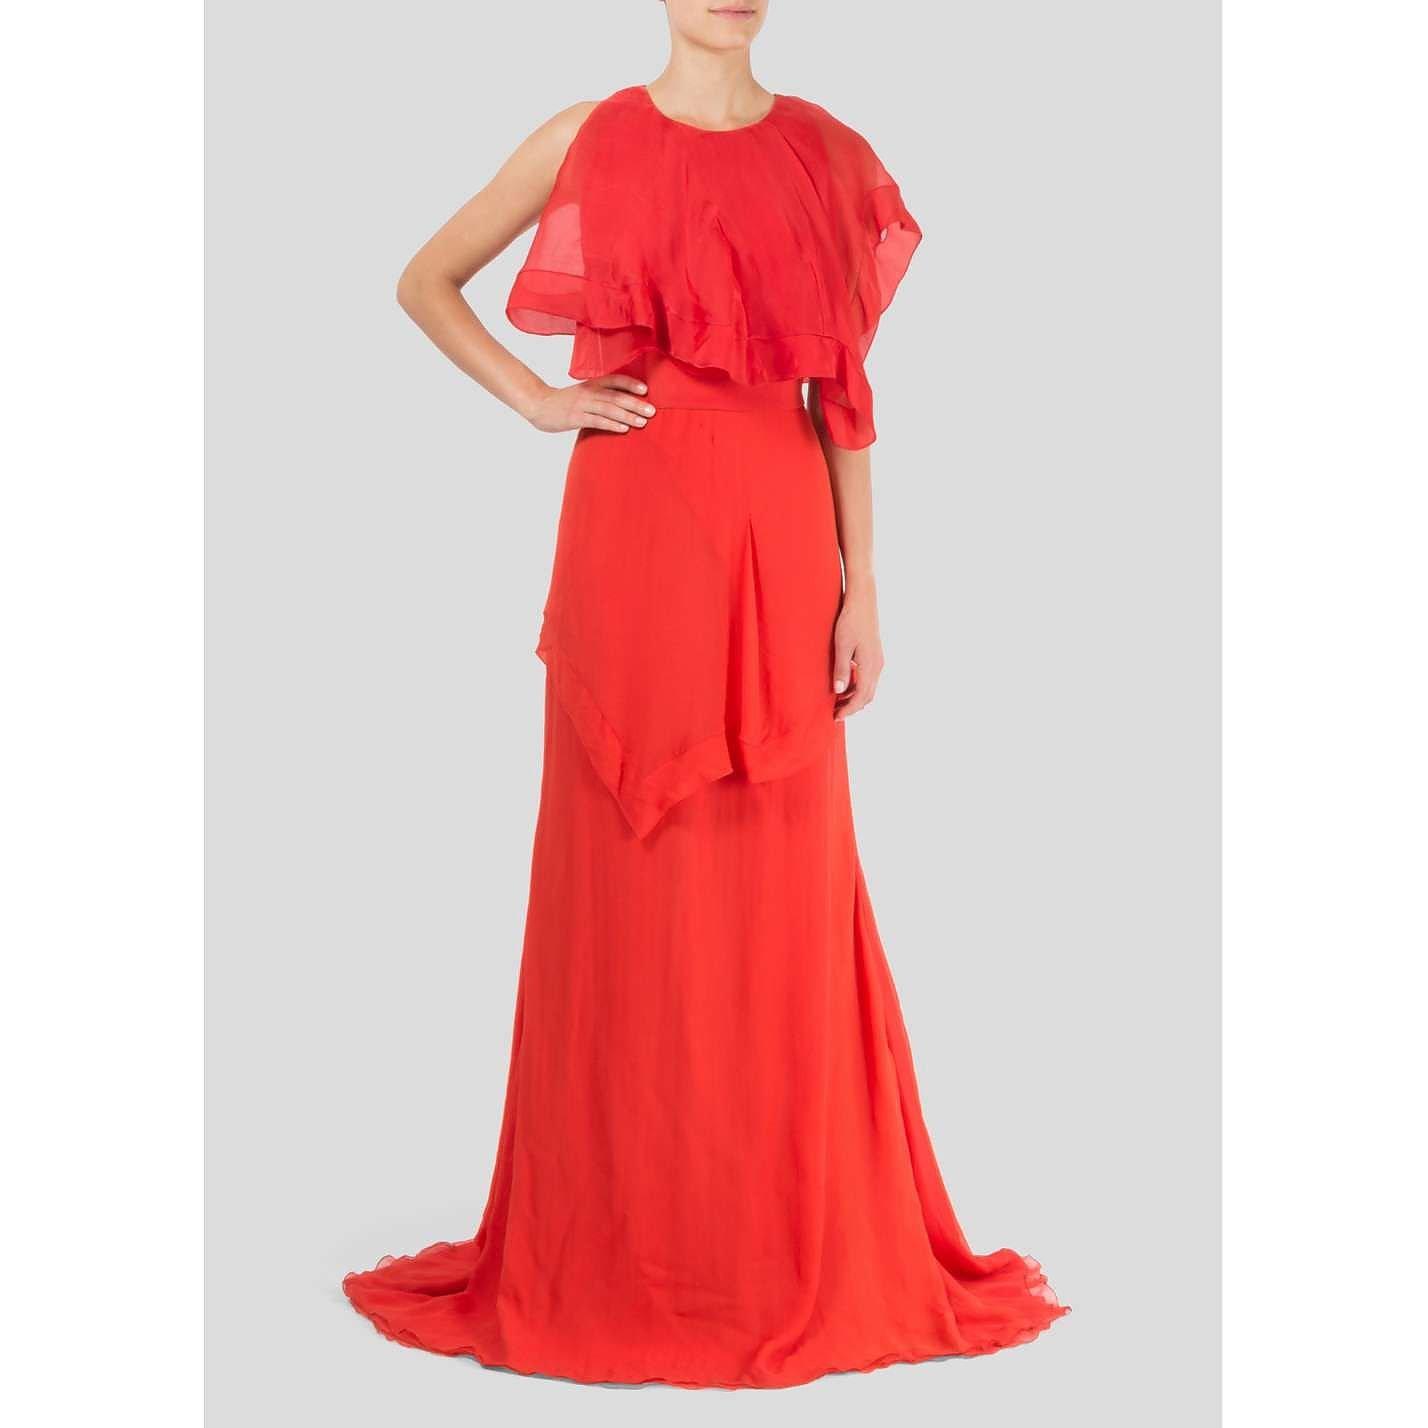 Antonio Berardi Layered Dress